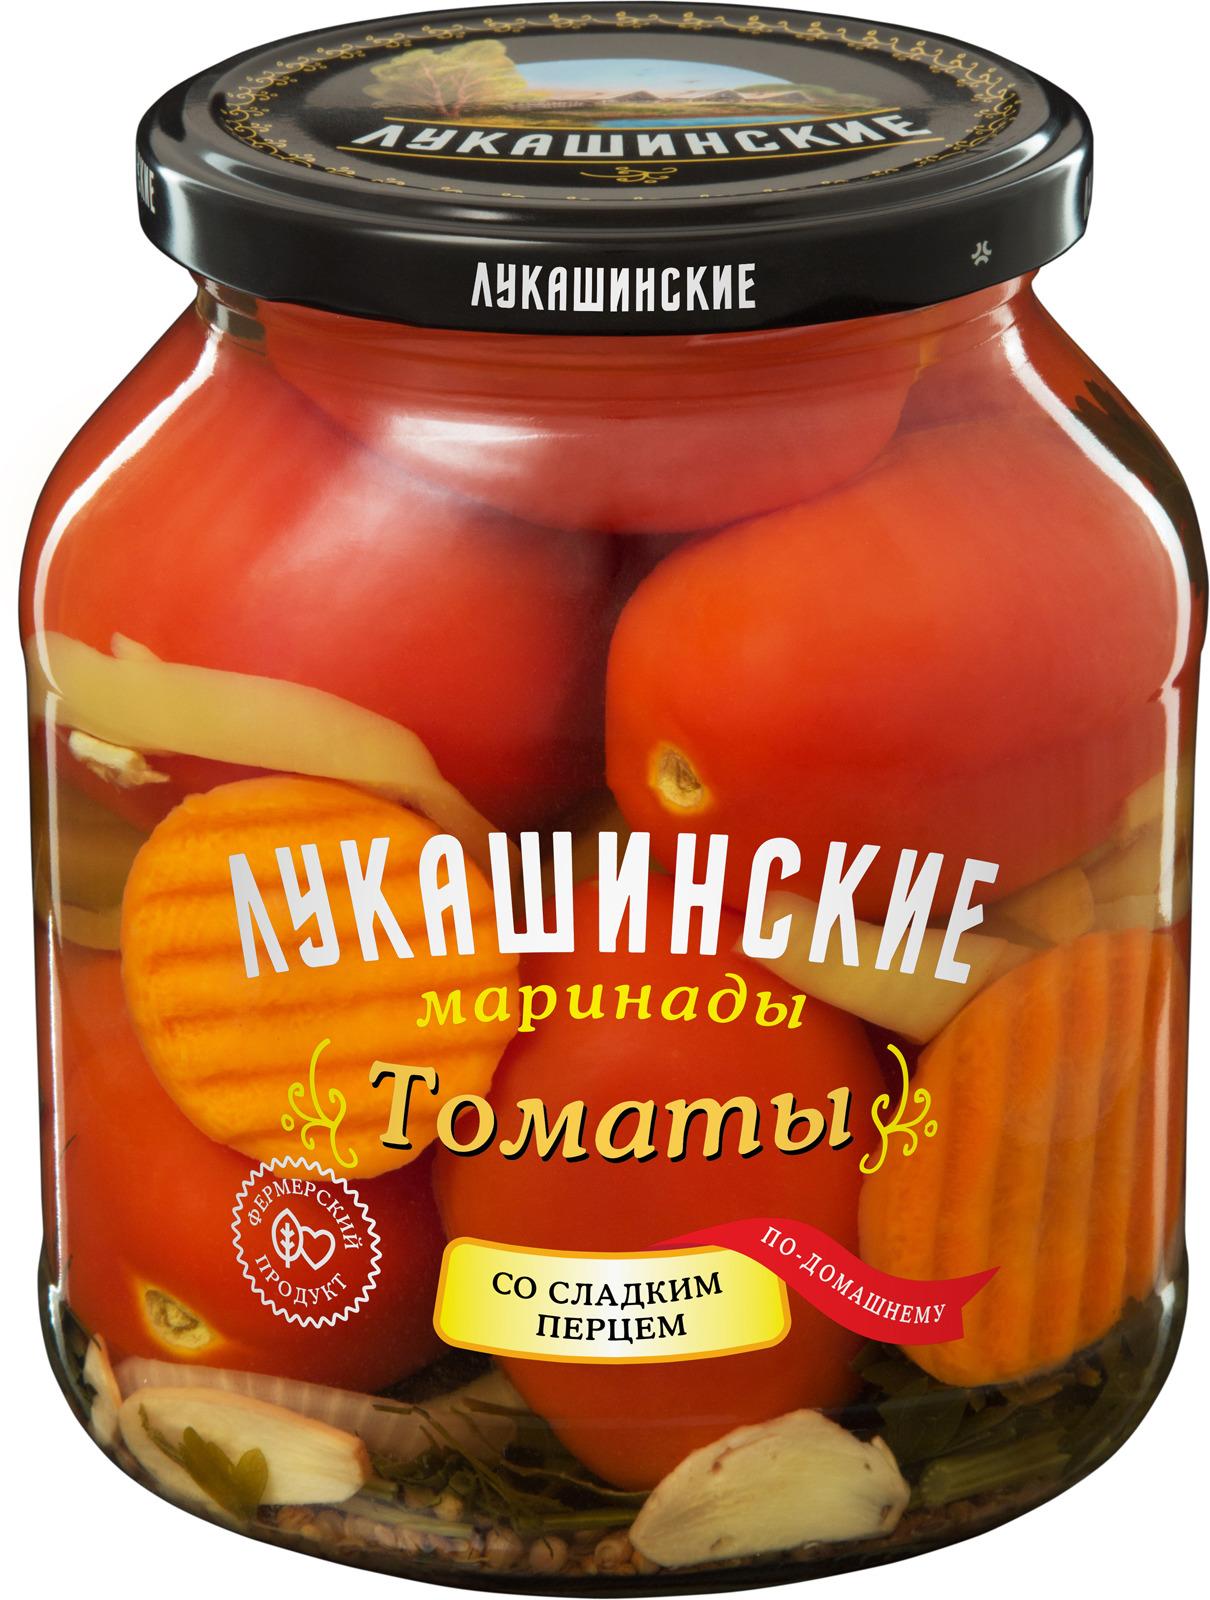 Лукашинские Томаты маринованные по-домашнему со сладким перцем, 670 г lorado томаты маринованные 720 мл